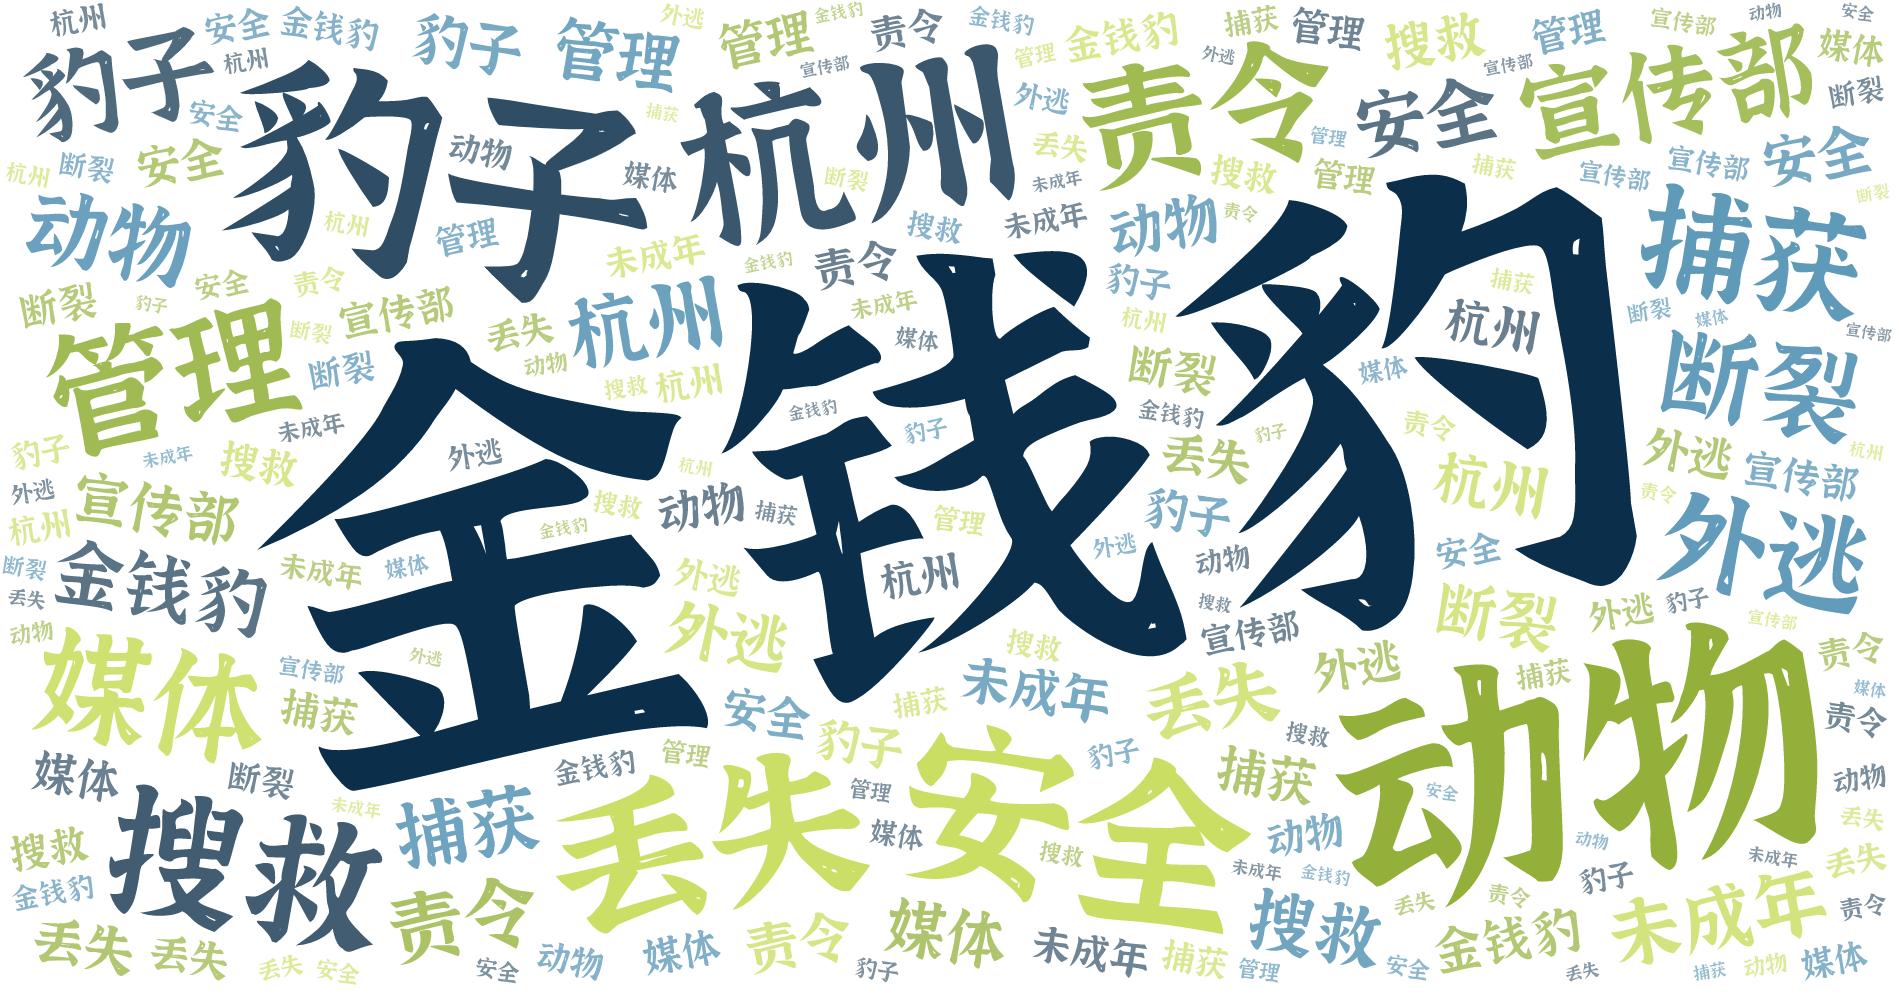 词云图,文字云图,金钱豹 豹子 动物 安全 杭州 丢失 责令 搜救 管理 宣传部